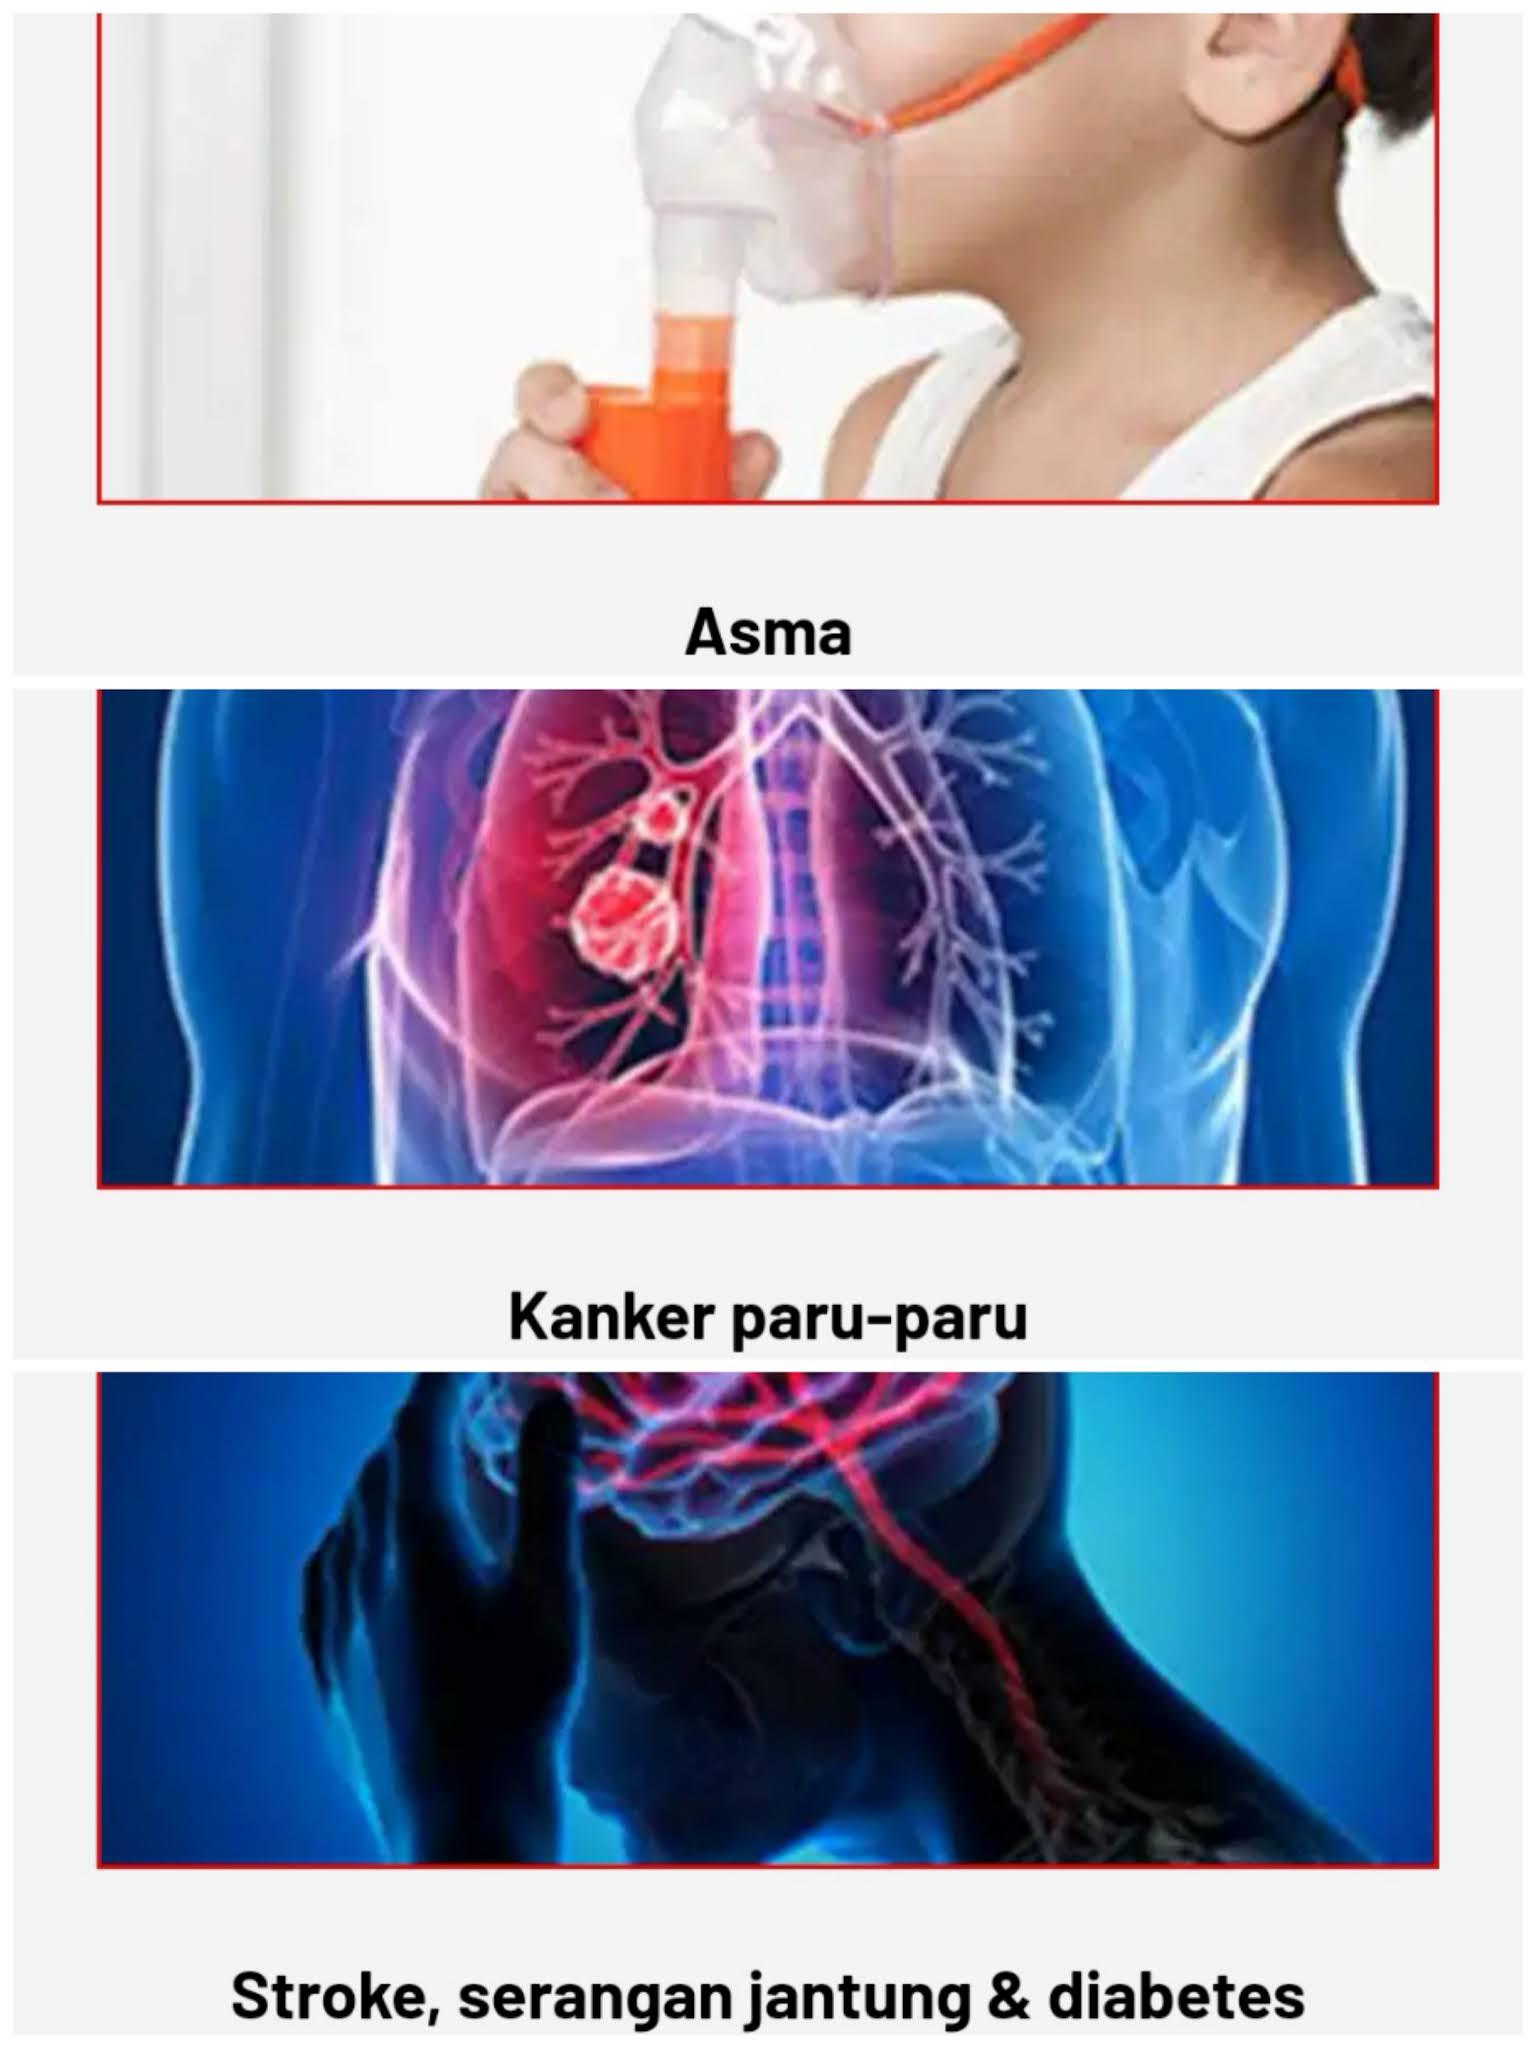 Gangguan Kesehatan Komplikasi Paru - Paru